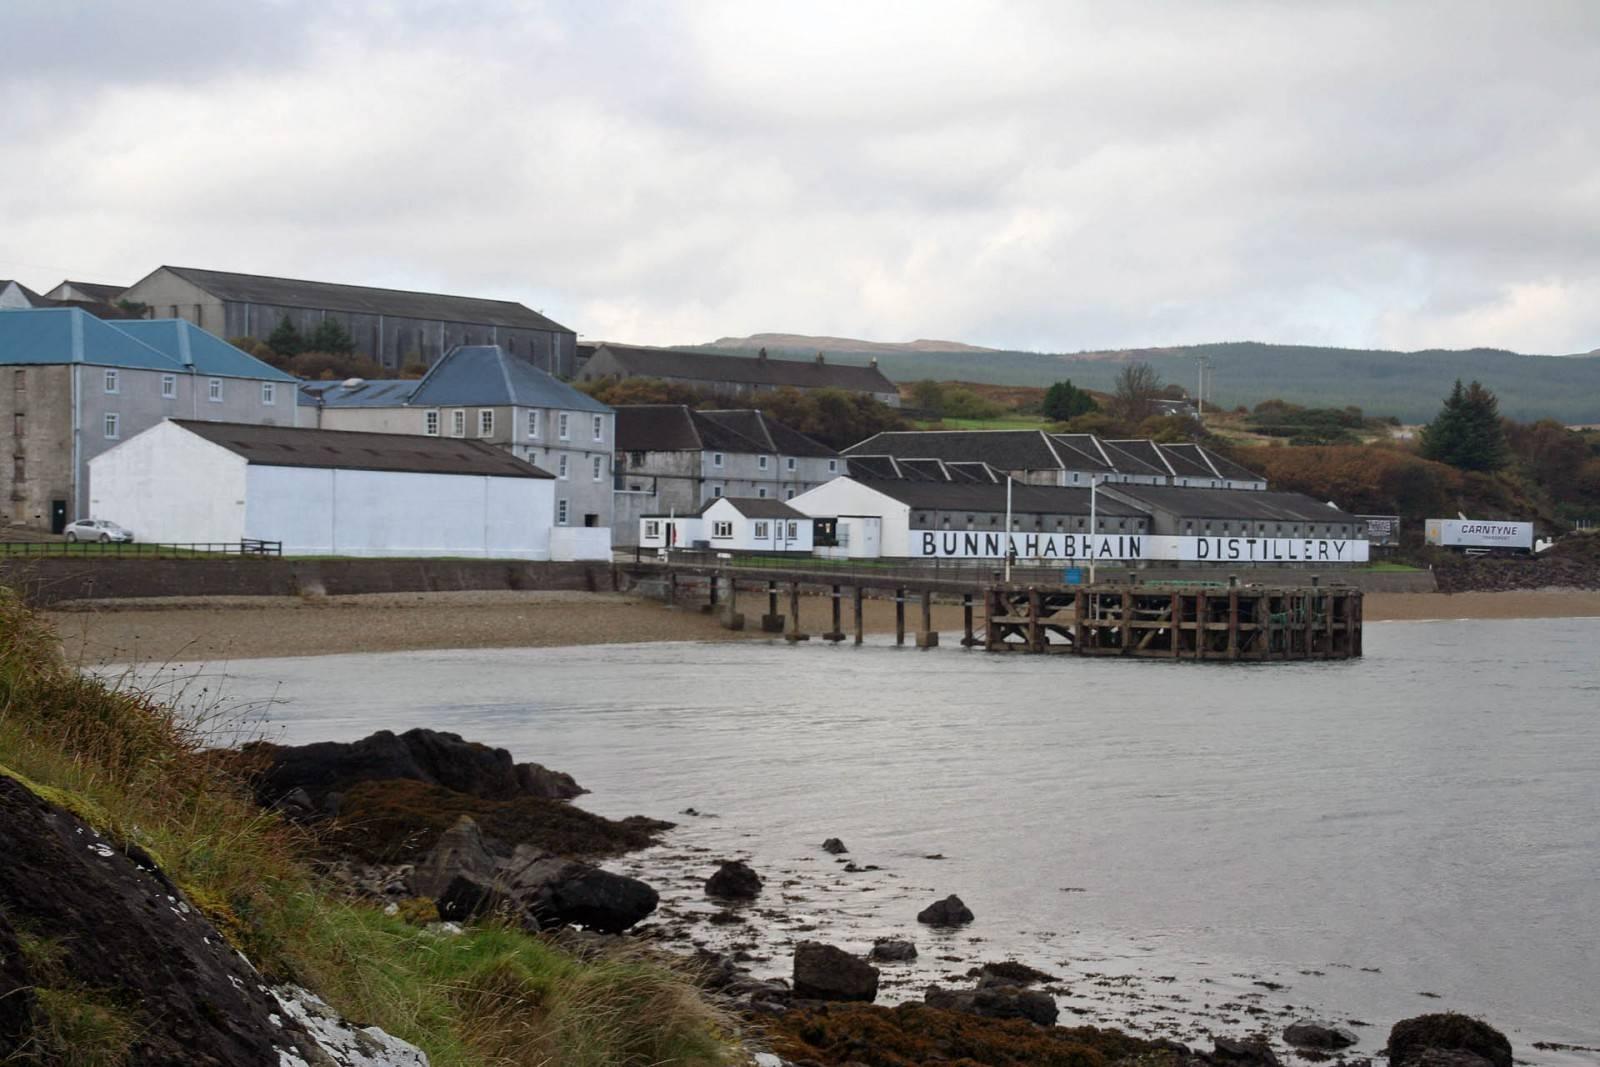 Bunnahabhain am Sound of Islay